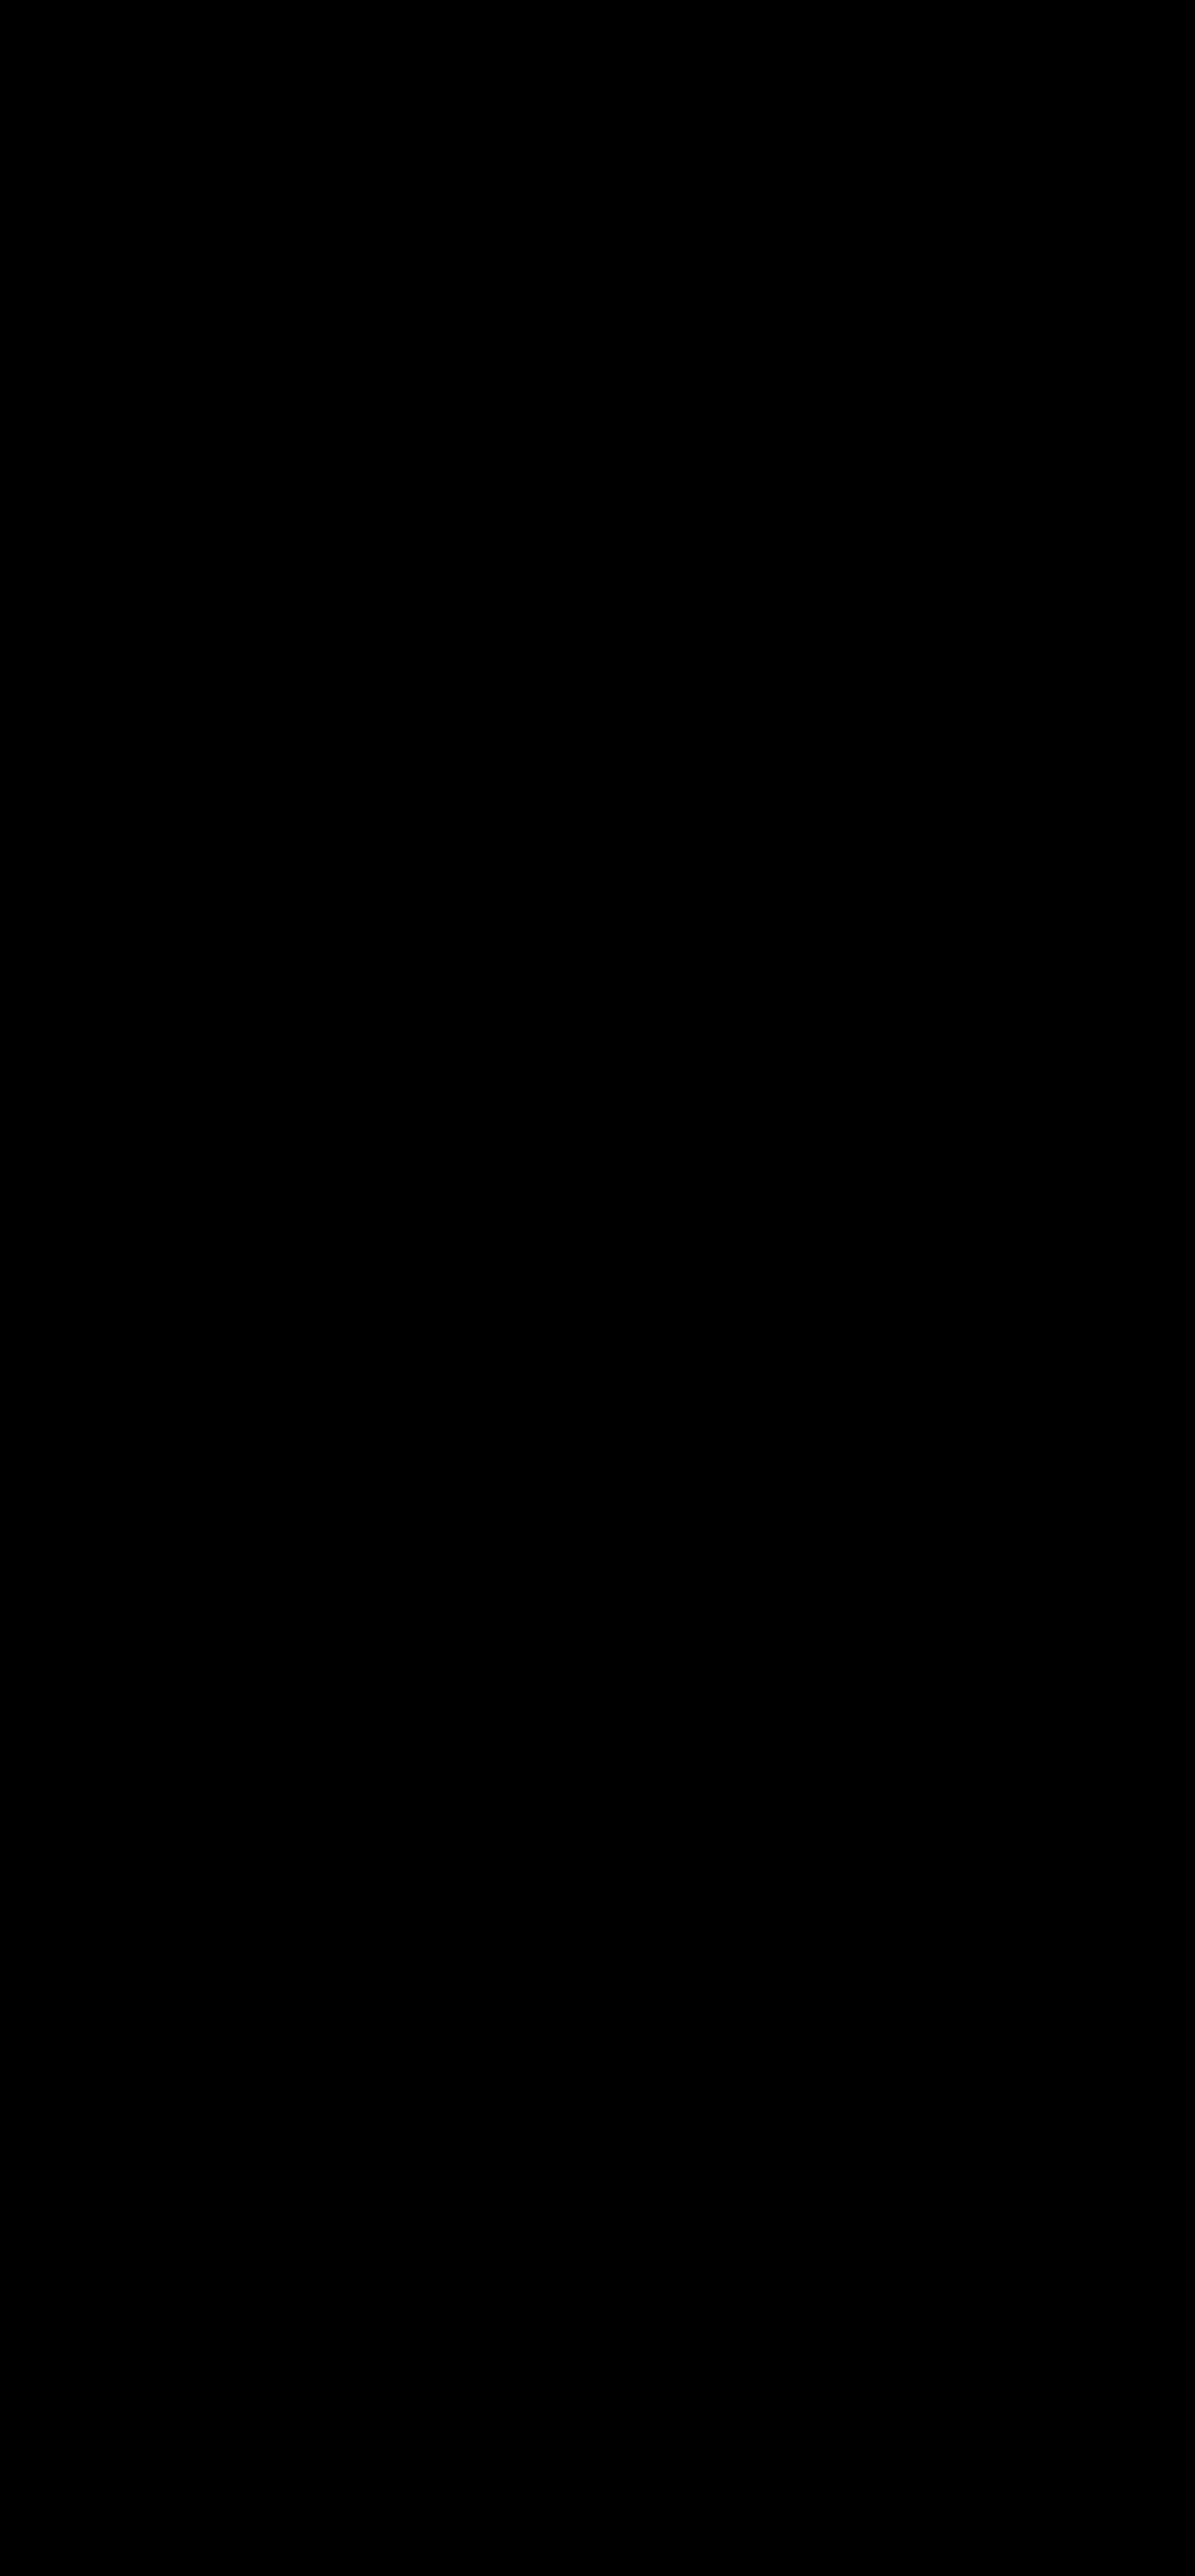 FCU_Infographic_Incoterms_300DPI-01